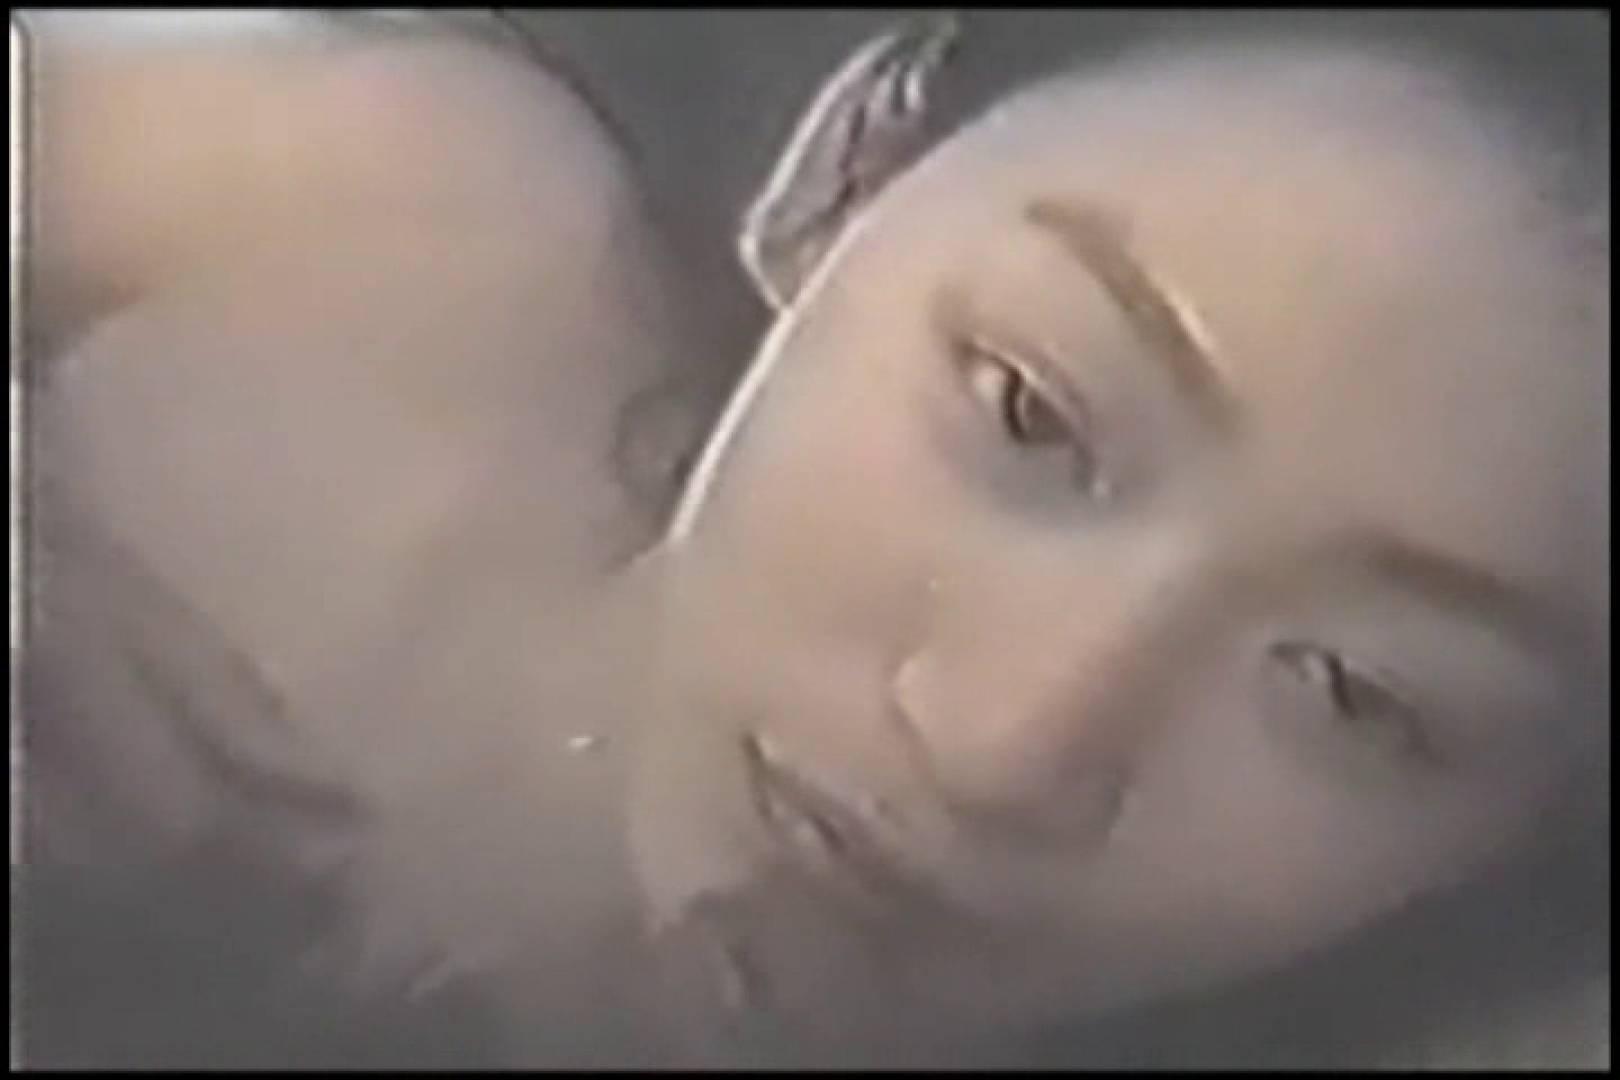 前後不覚に酔っている女を撮影する鬼畜親父 一般投稿 | ホテル  56pic 16